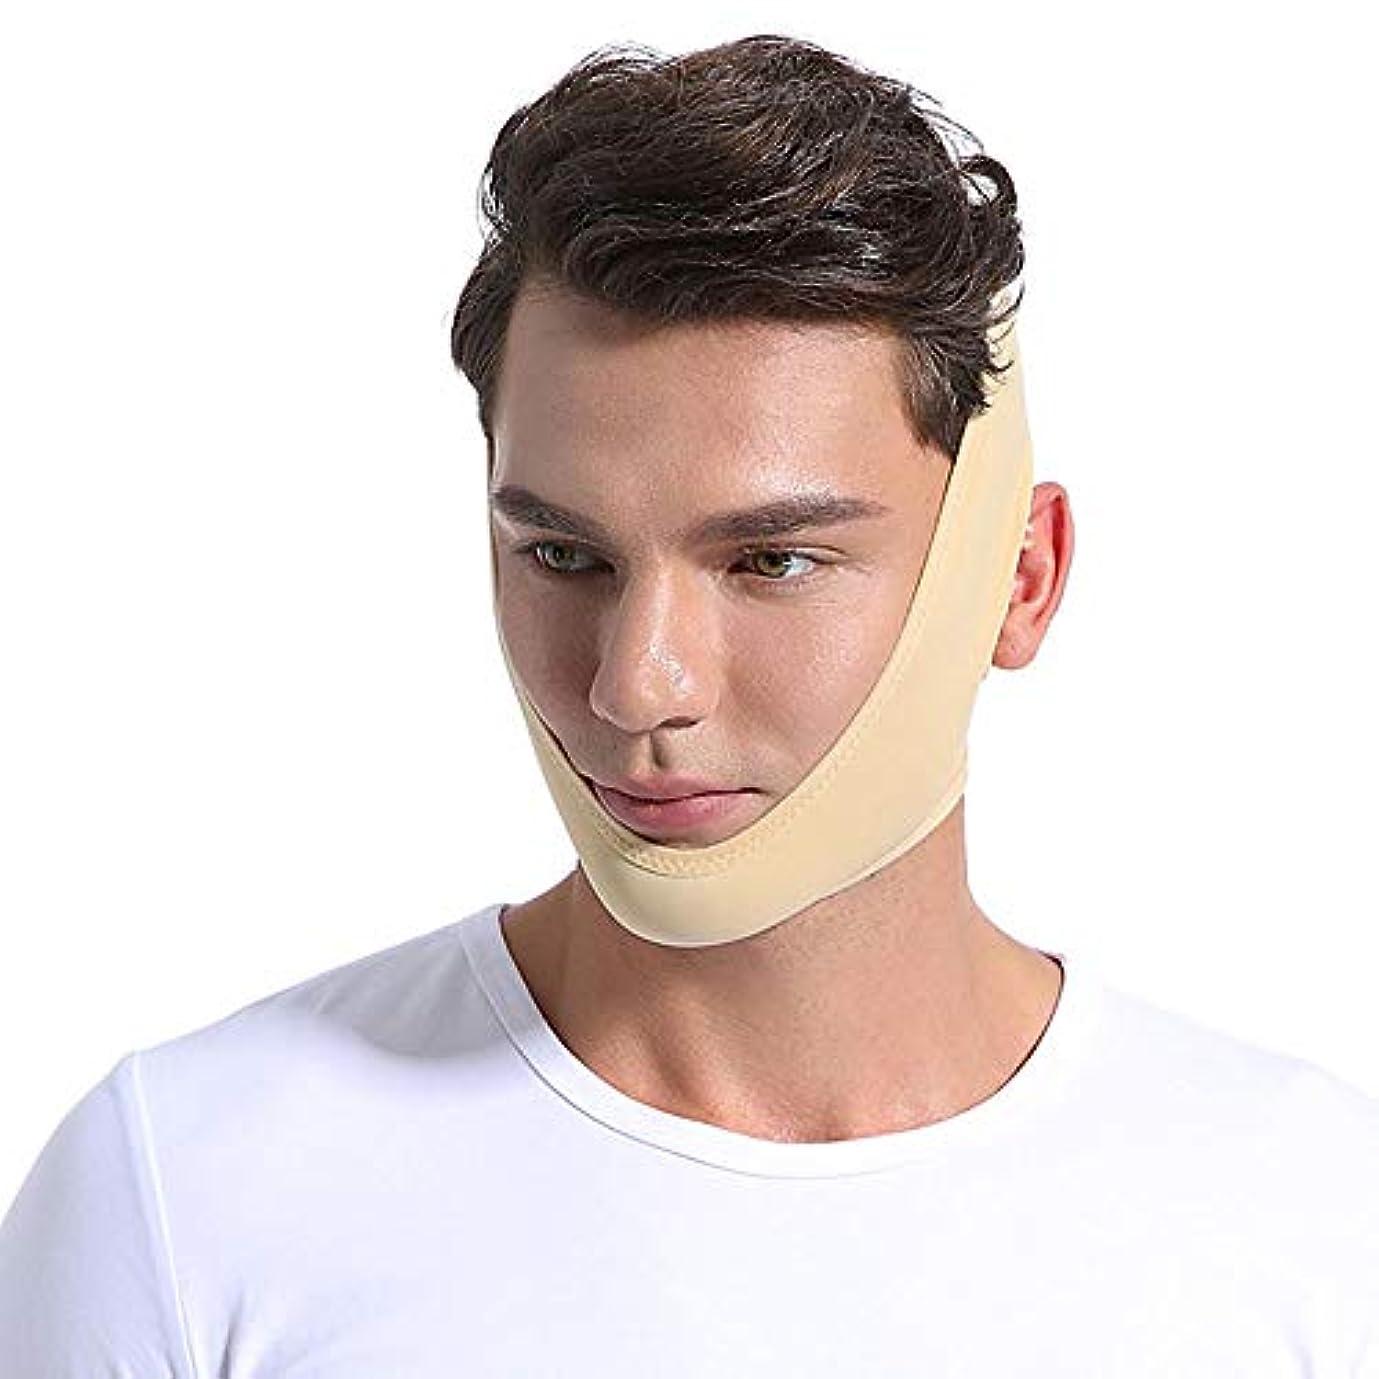 毛細血管わずらわしい内訳男性の顔の薄い顔、Vの顔の薄い顔の包帯/改装/フェイスマッサージ/リフトフェイスマスク/(色),XL